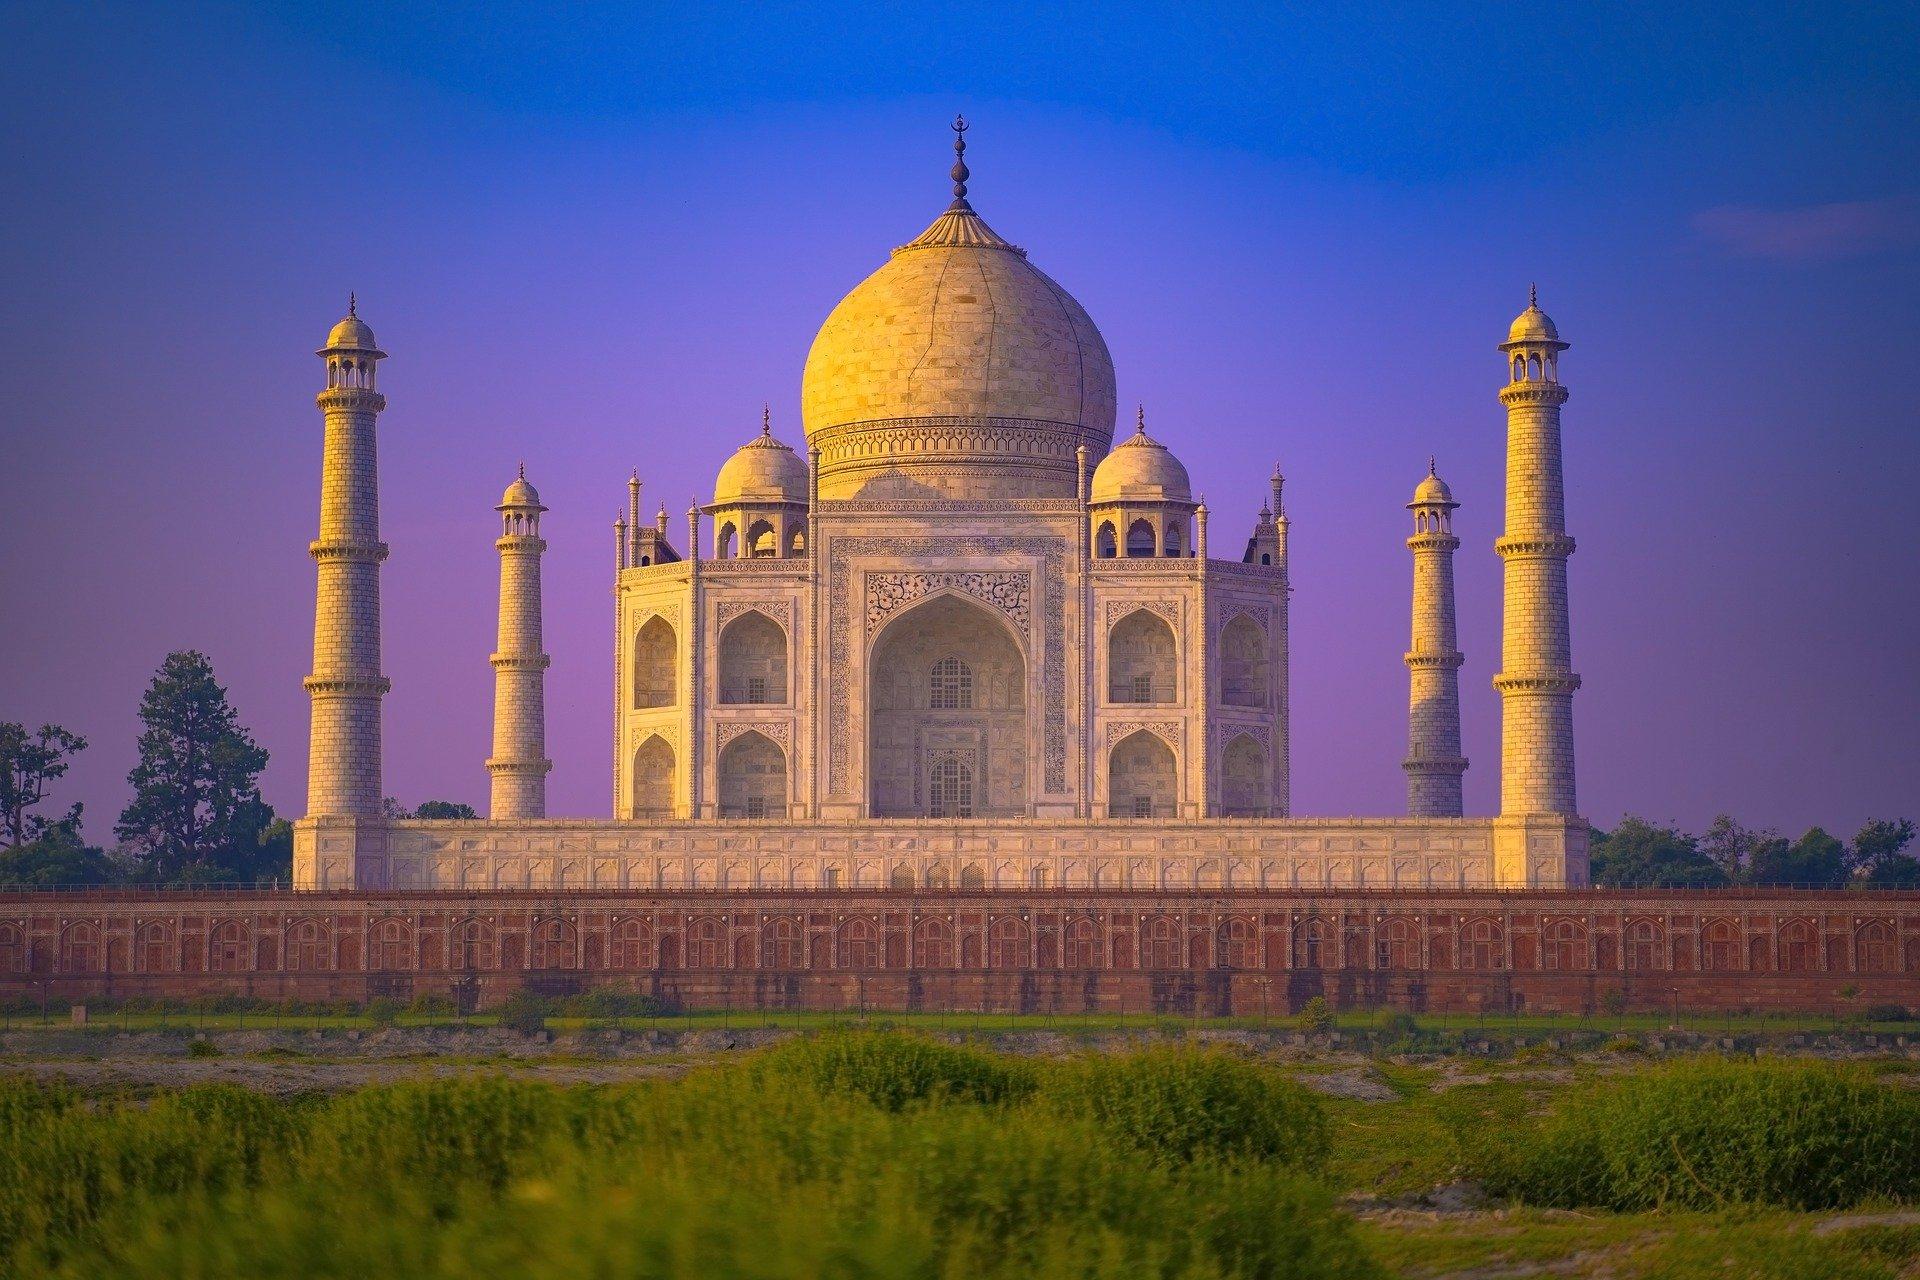 Amanecer en Agra